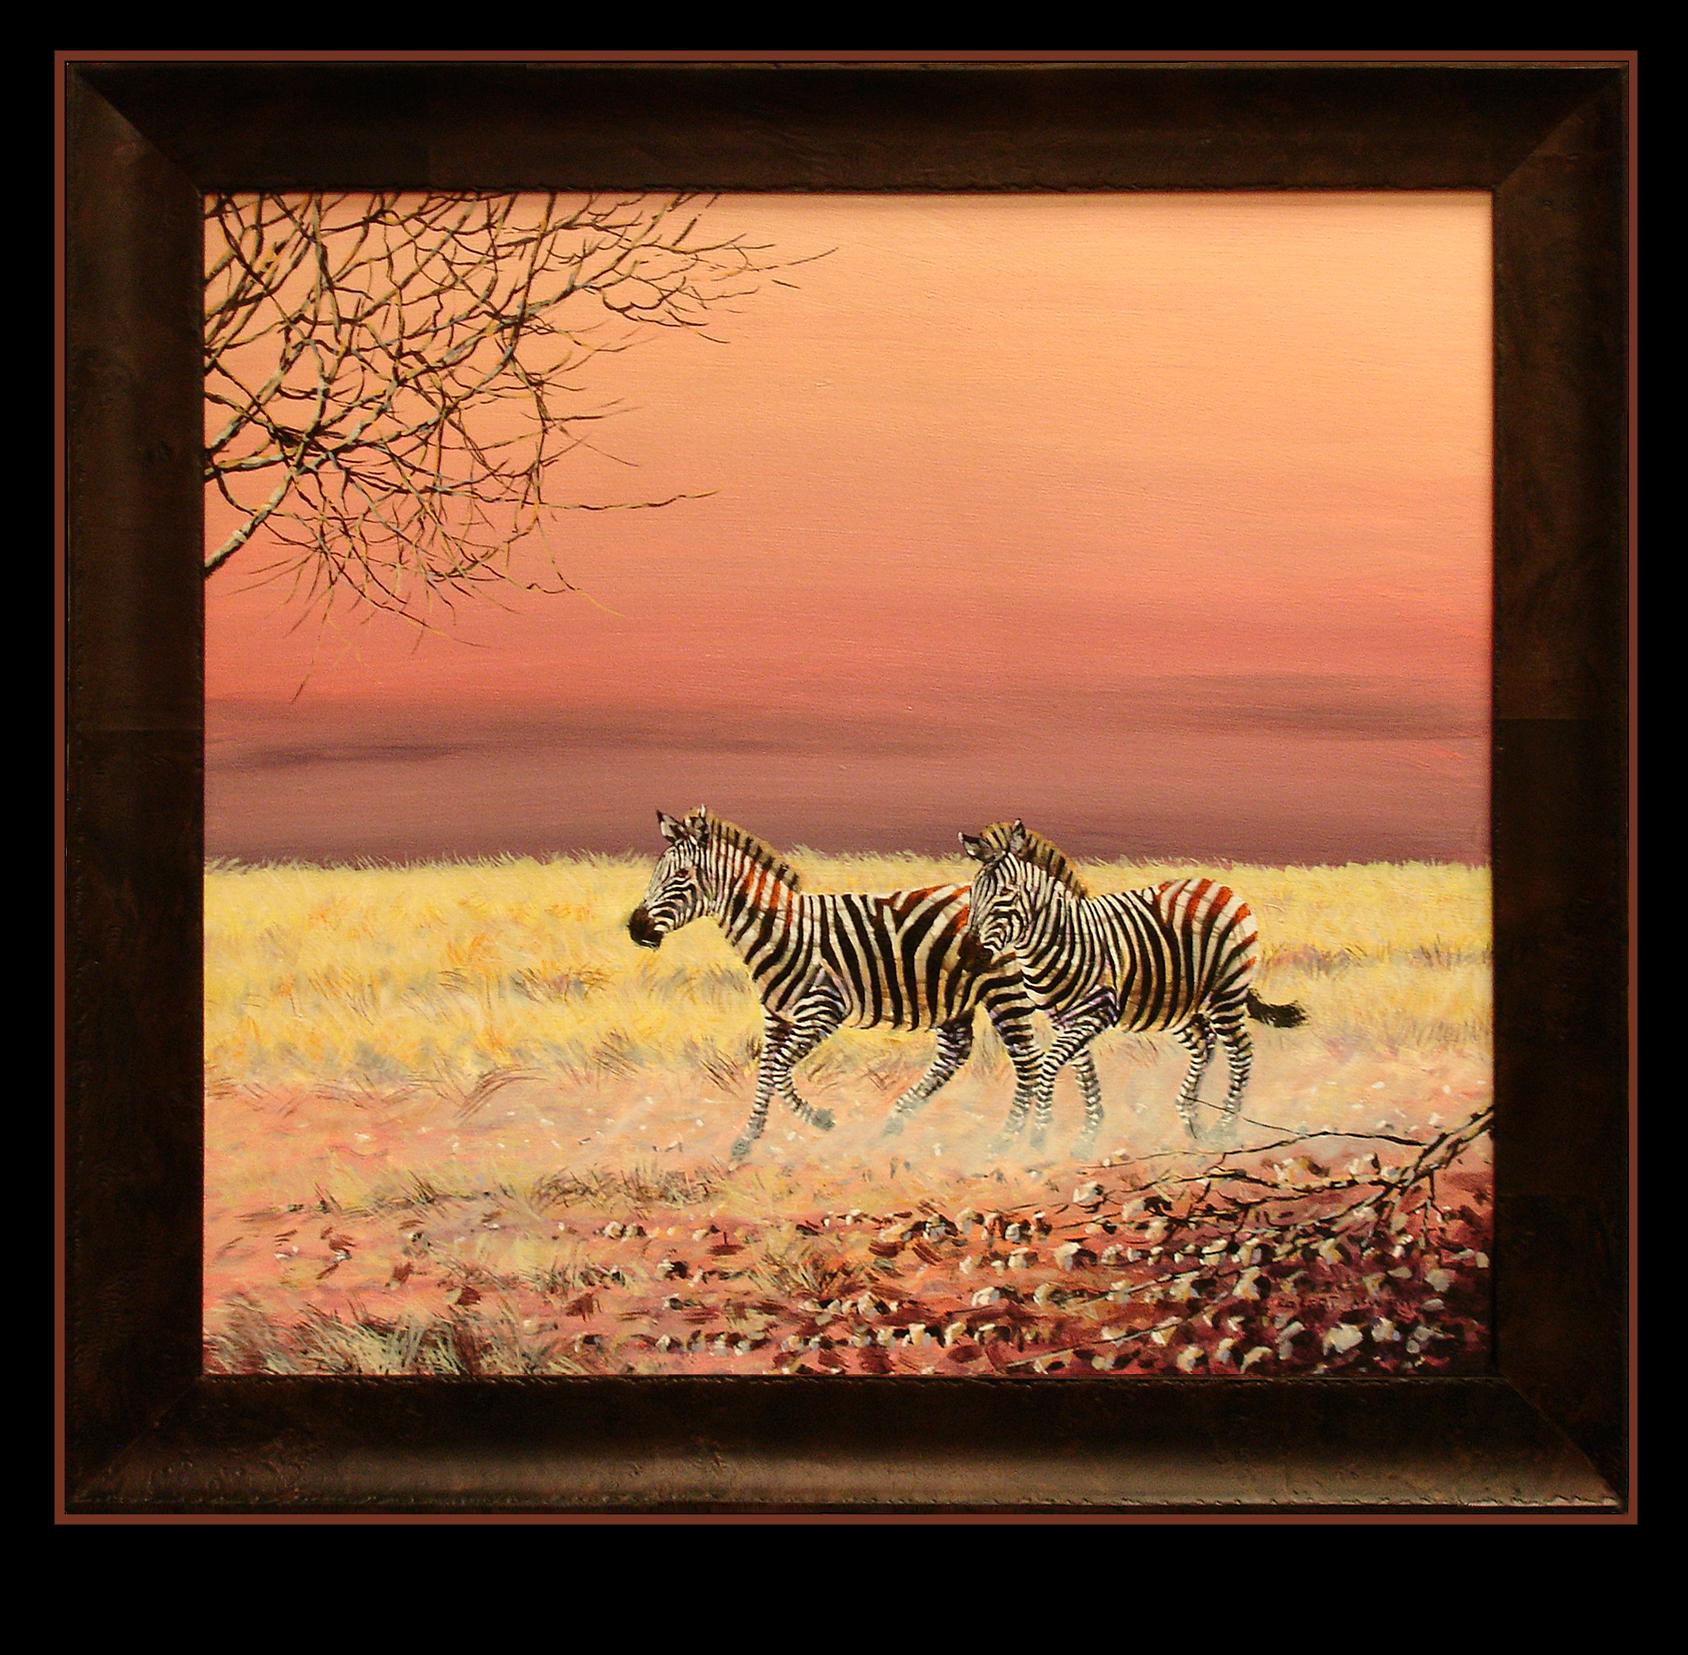 Oil painting, Zebras